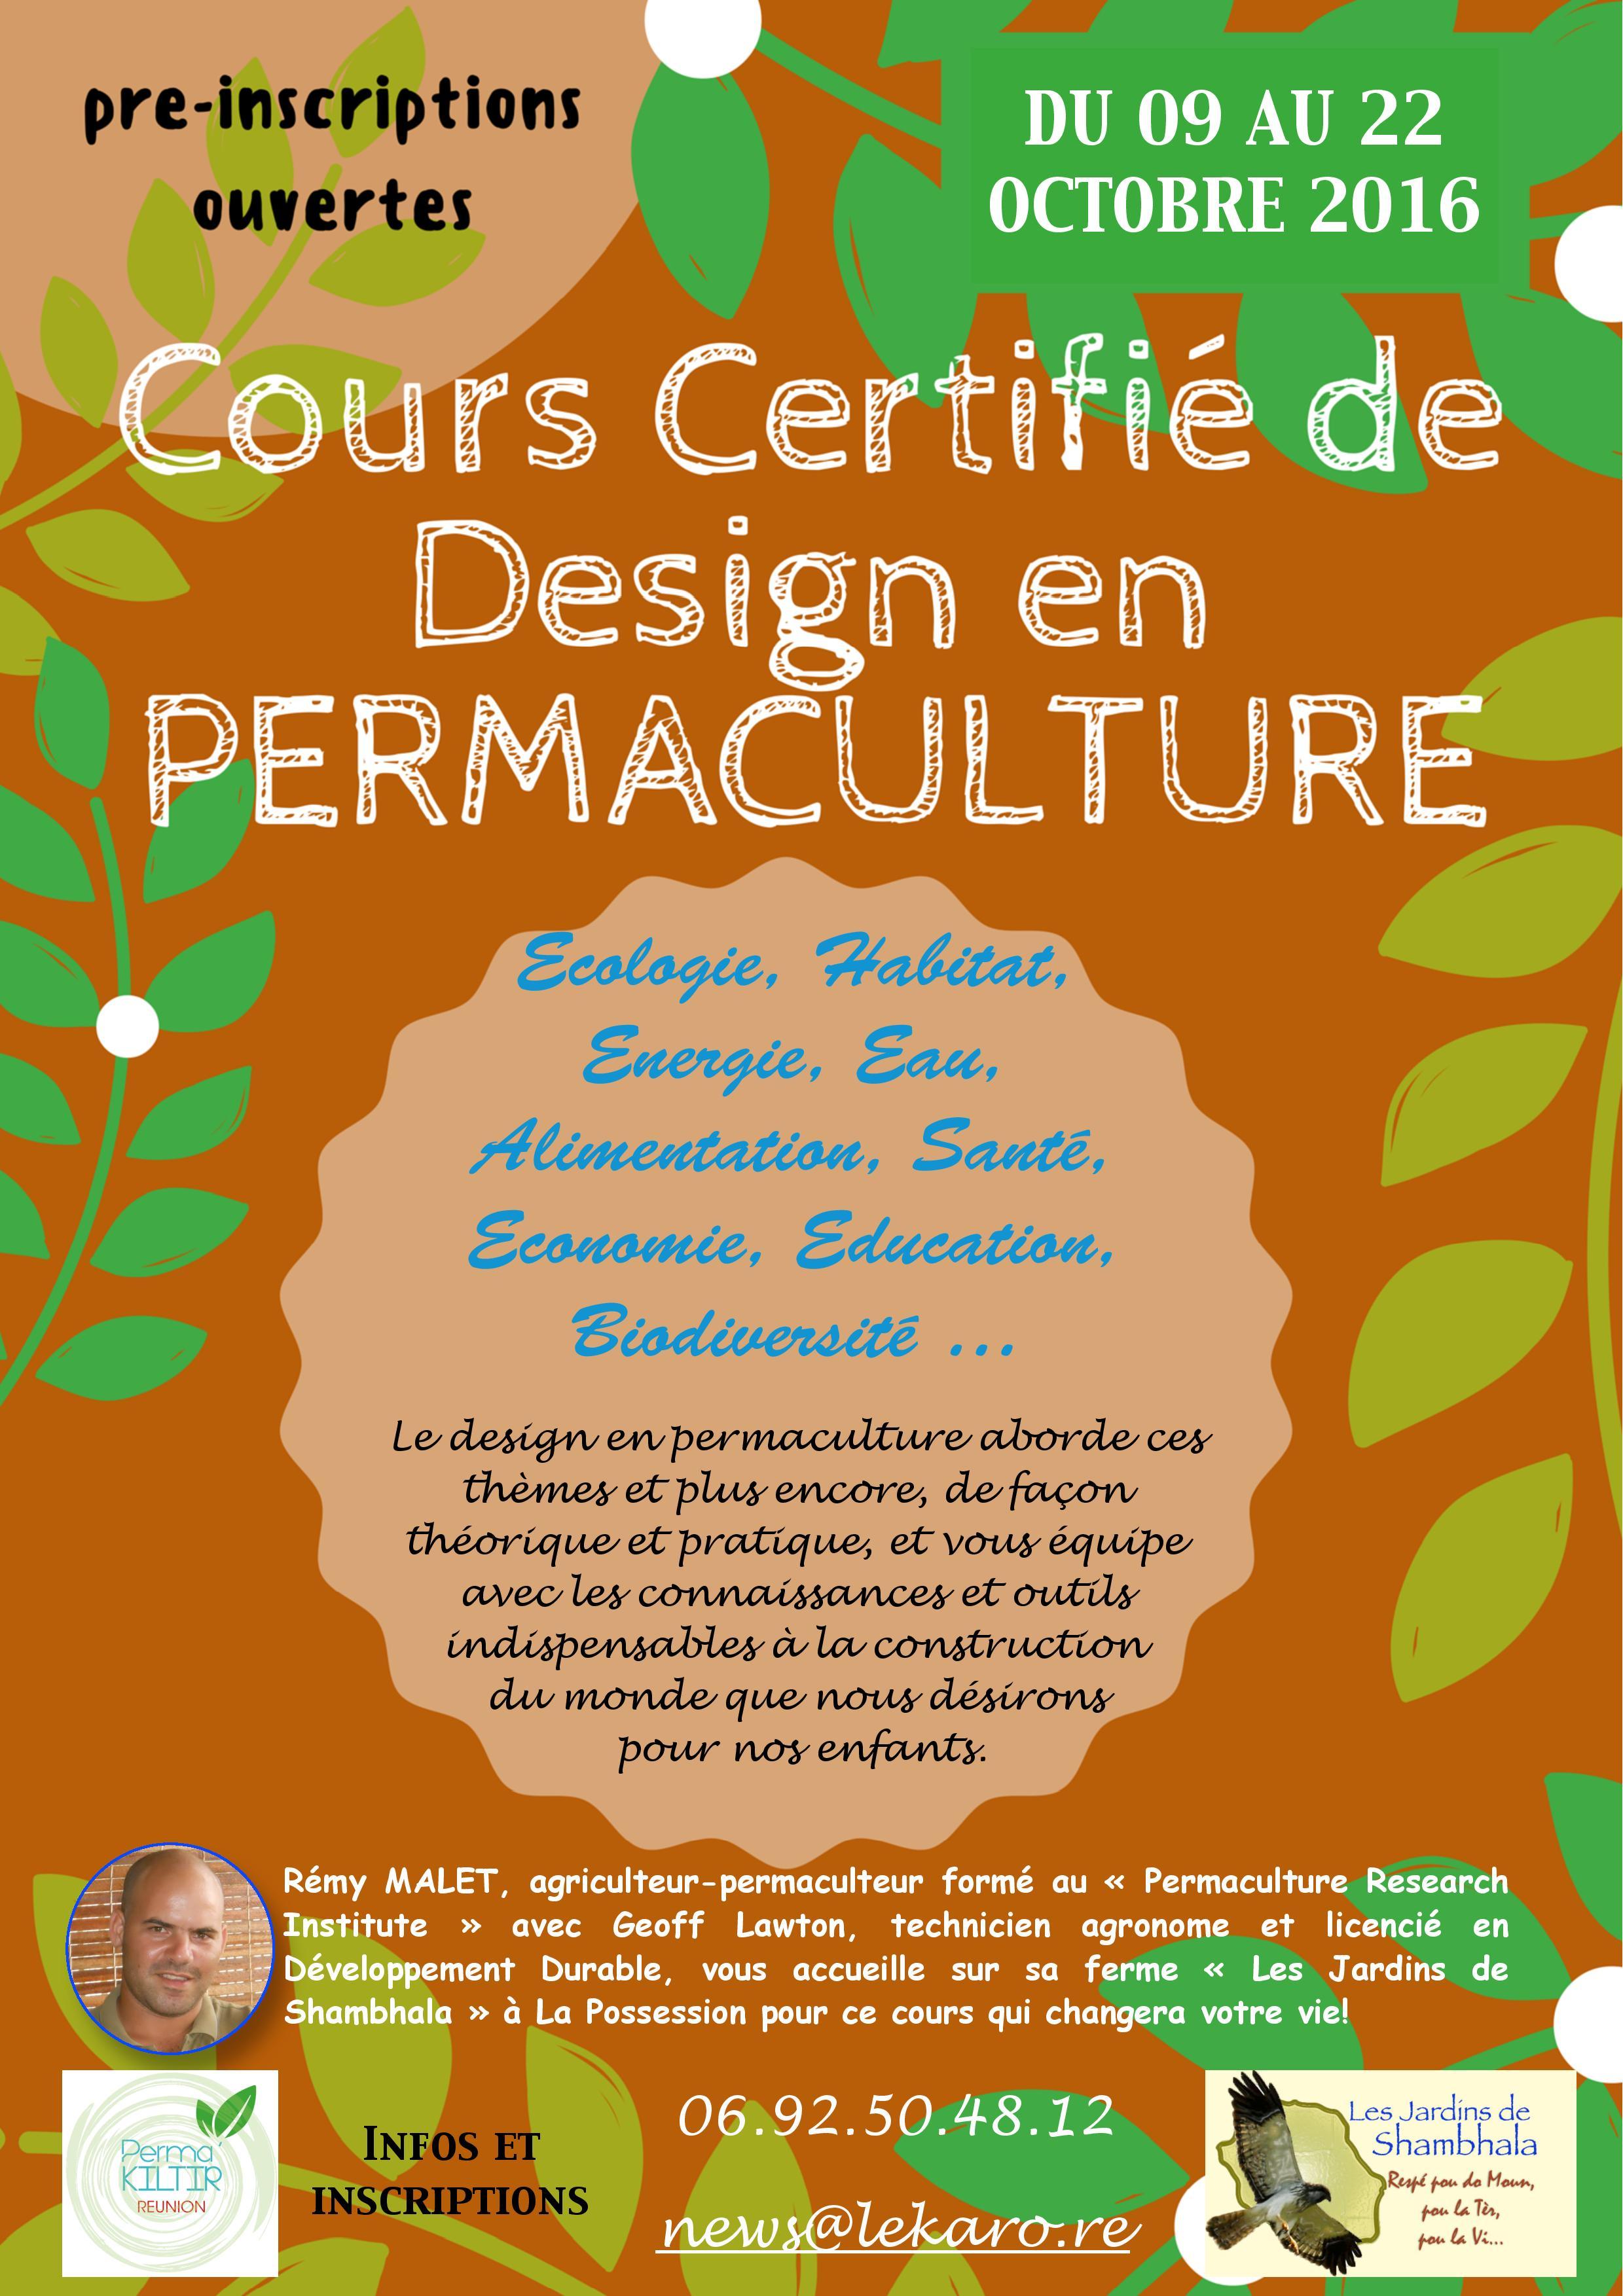 Cours de design en permaculture ecole du jardin plan taire for Cours de design